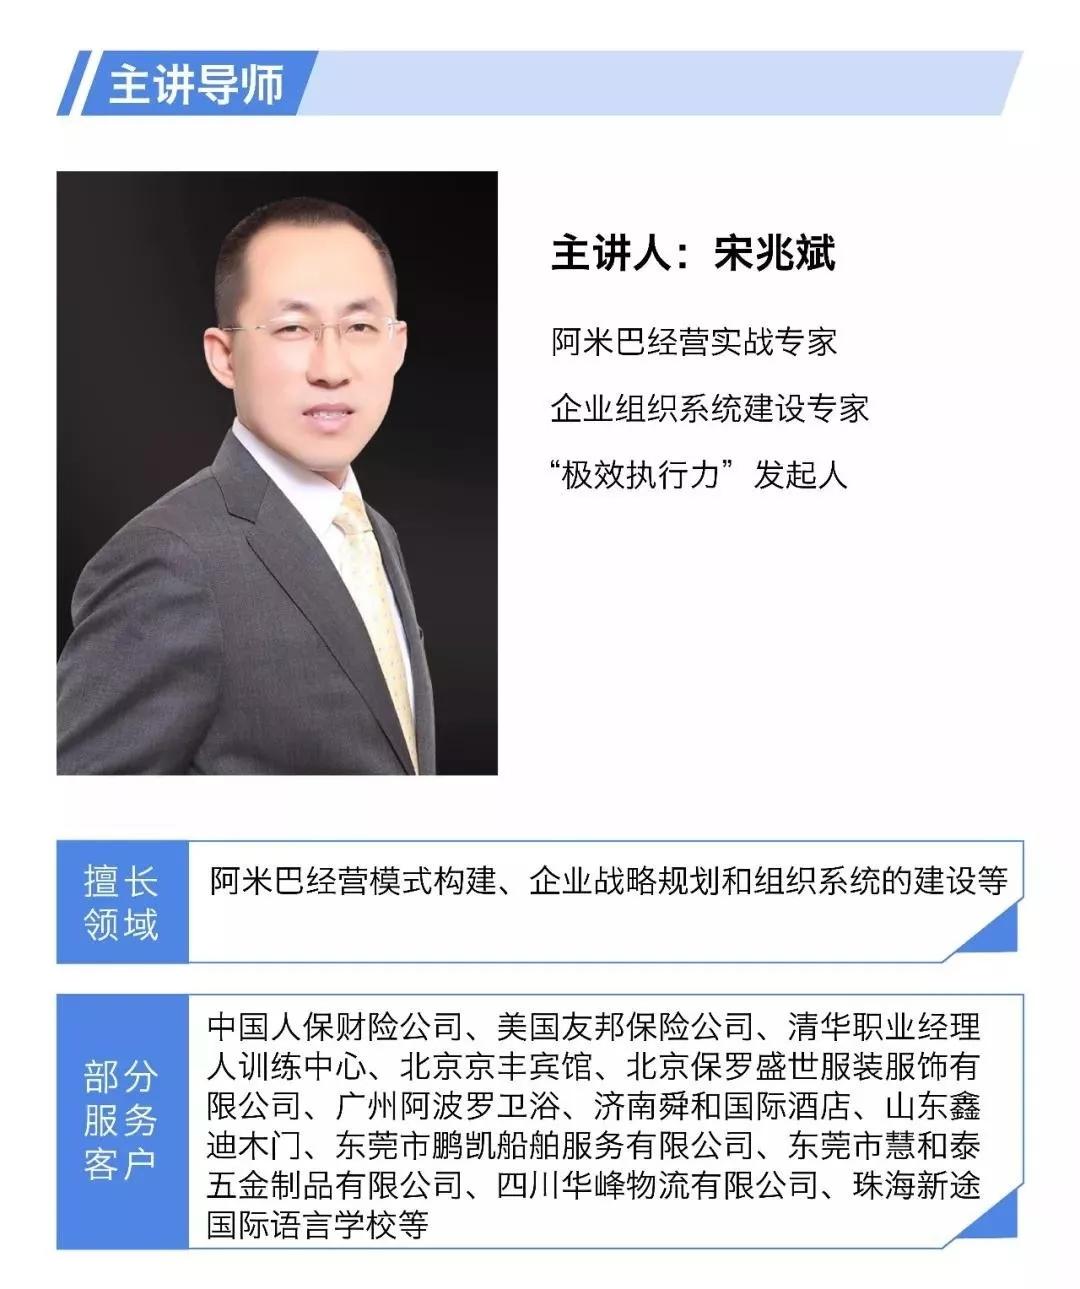 主讲老师宋兆斌,宋兆斌老师是阿米巴经营实战专家、企业组织建设专家、极效执行力发起人,他擅长的领域有阿米巴经营模式构建、企业战略规划和组织系统建设。他服务过的企业有中国人保险公司、美国友邦公司等。